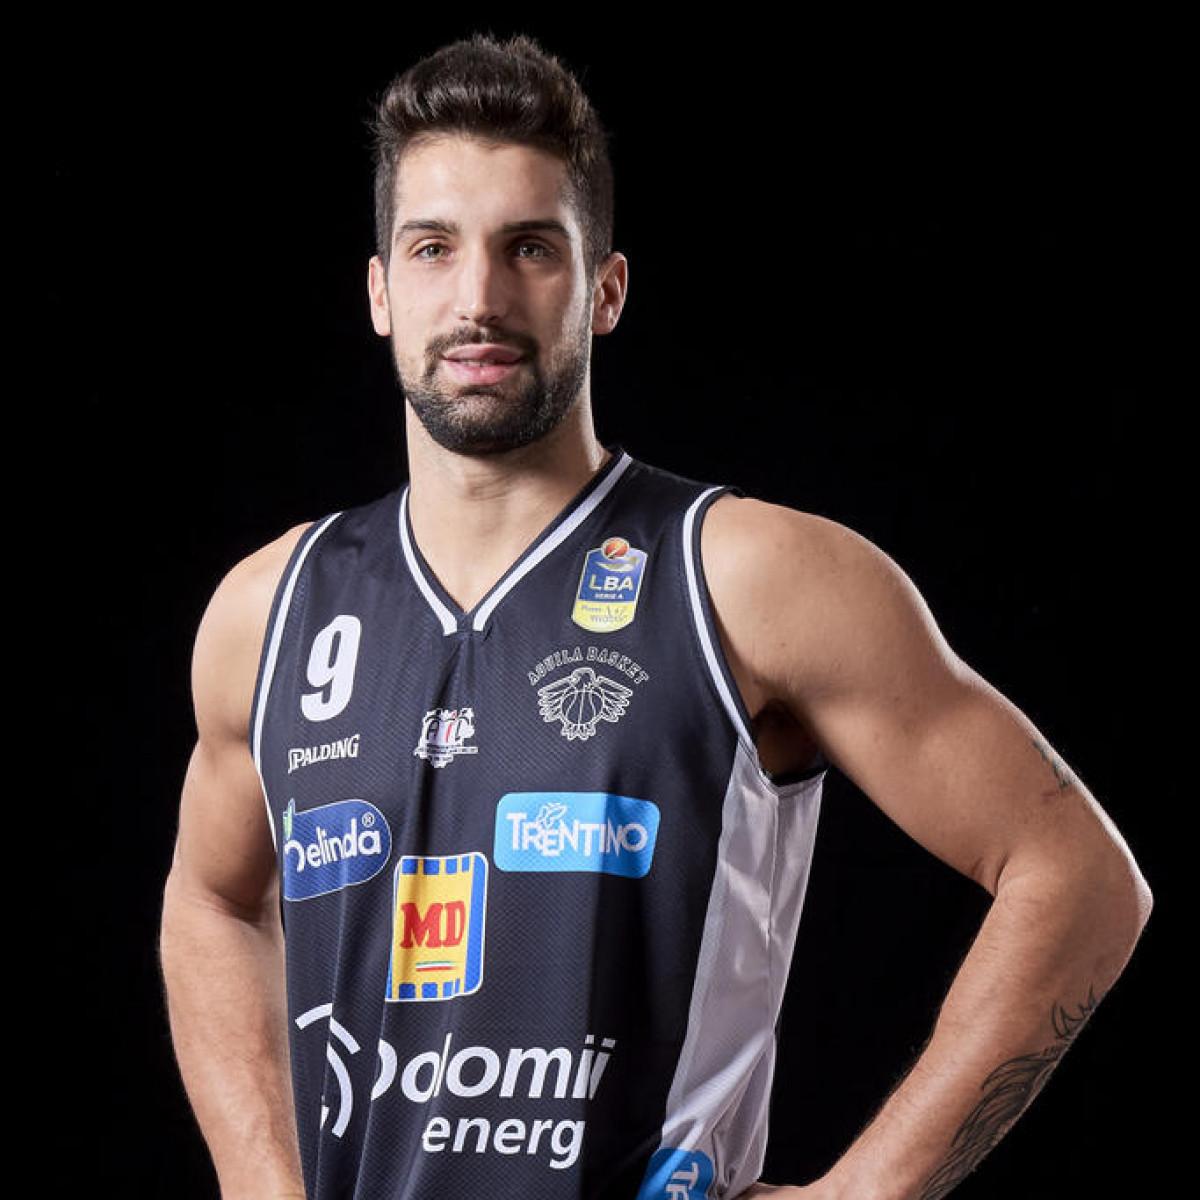 Photo of Fabio Mian, 2018-2019 season